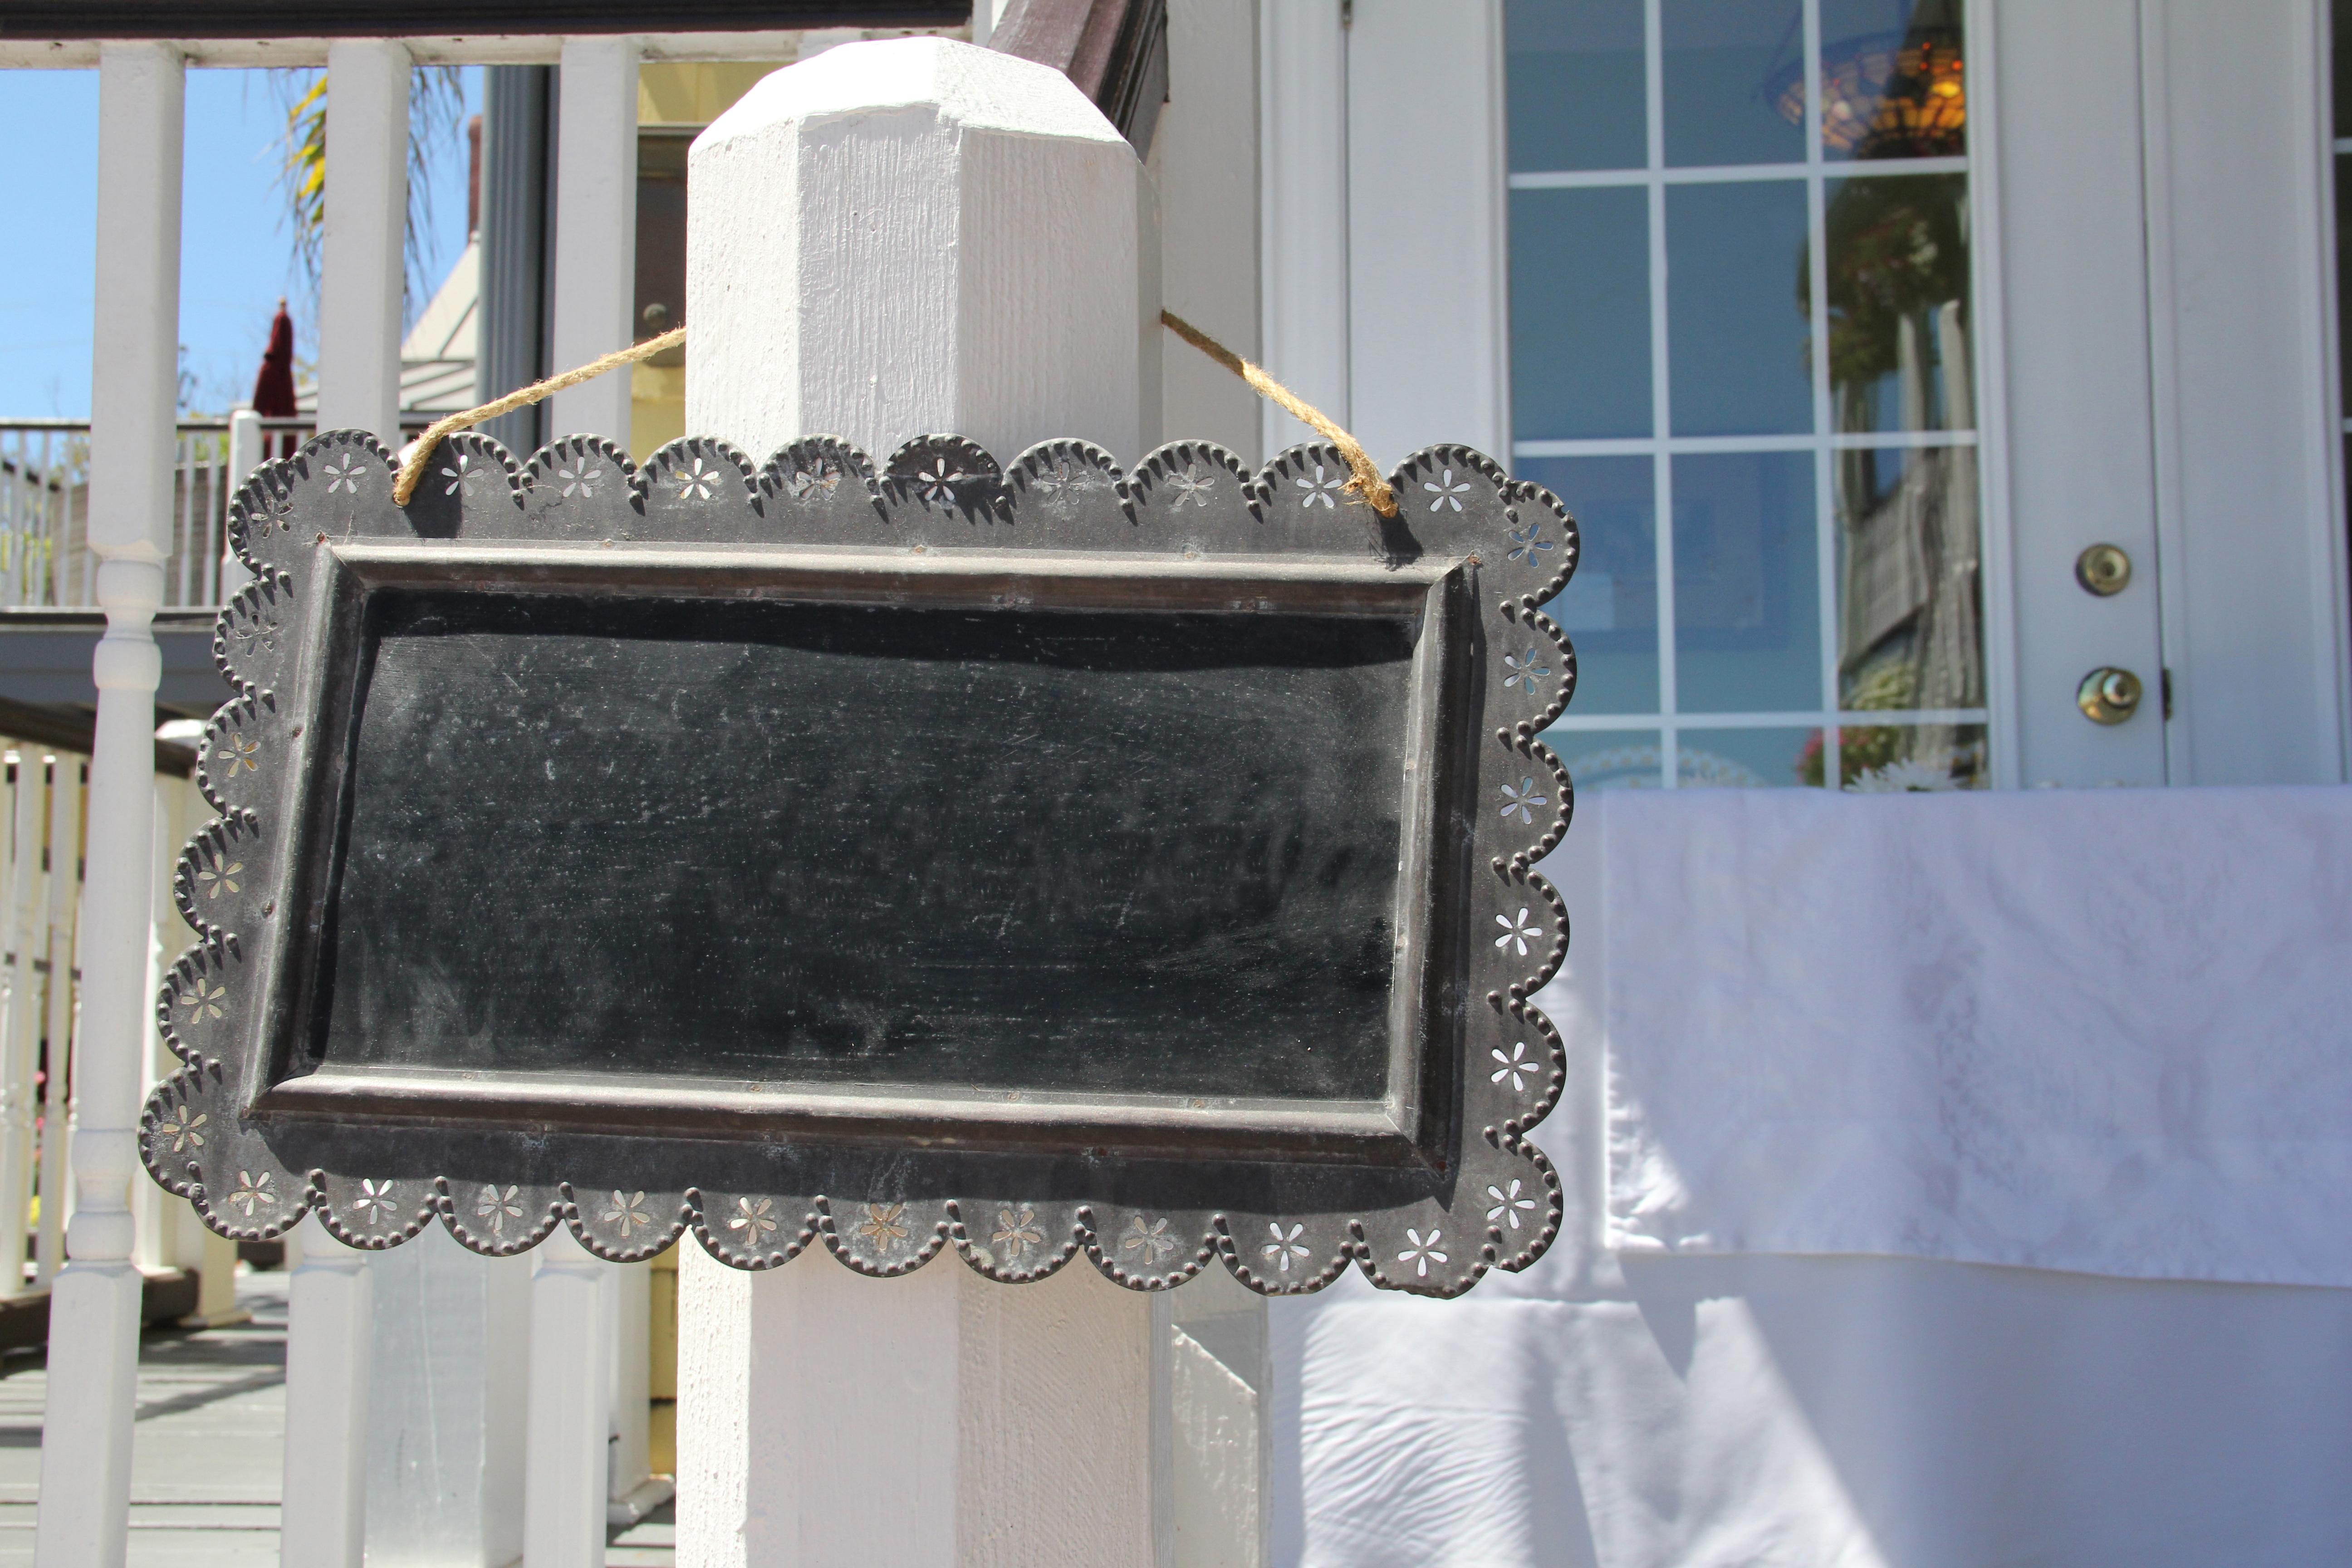 Framed blackboard placard sign